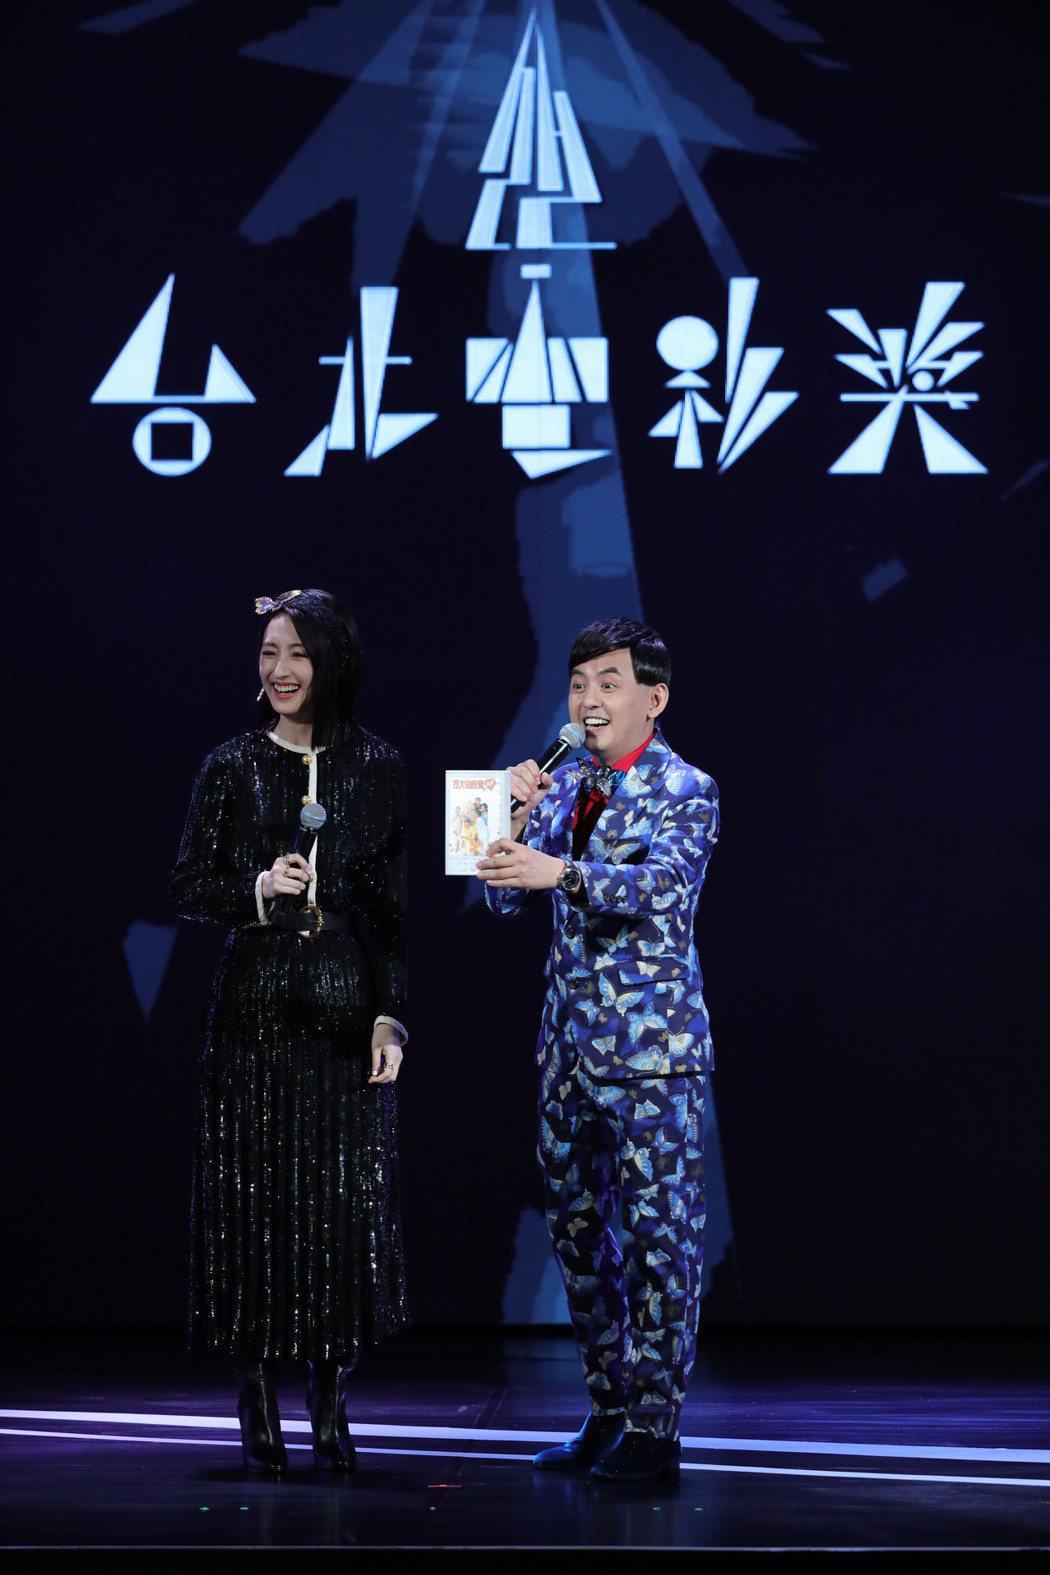 柯佳嬿(左)、黃子佼(右)擔任第22屆台北電影獎主持人,全場妙語如珠。圖/台北電...